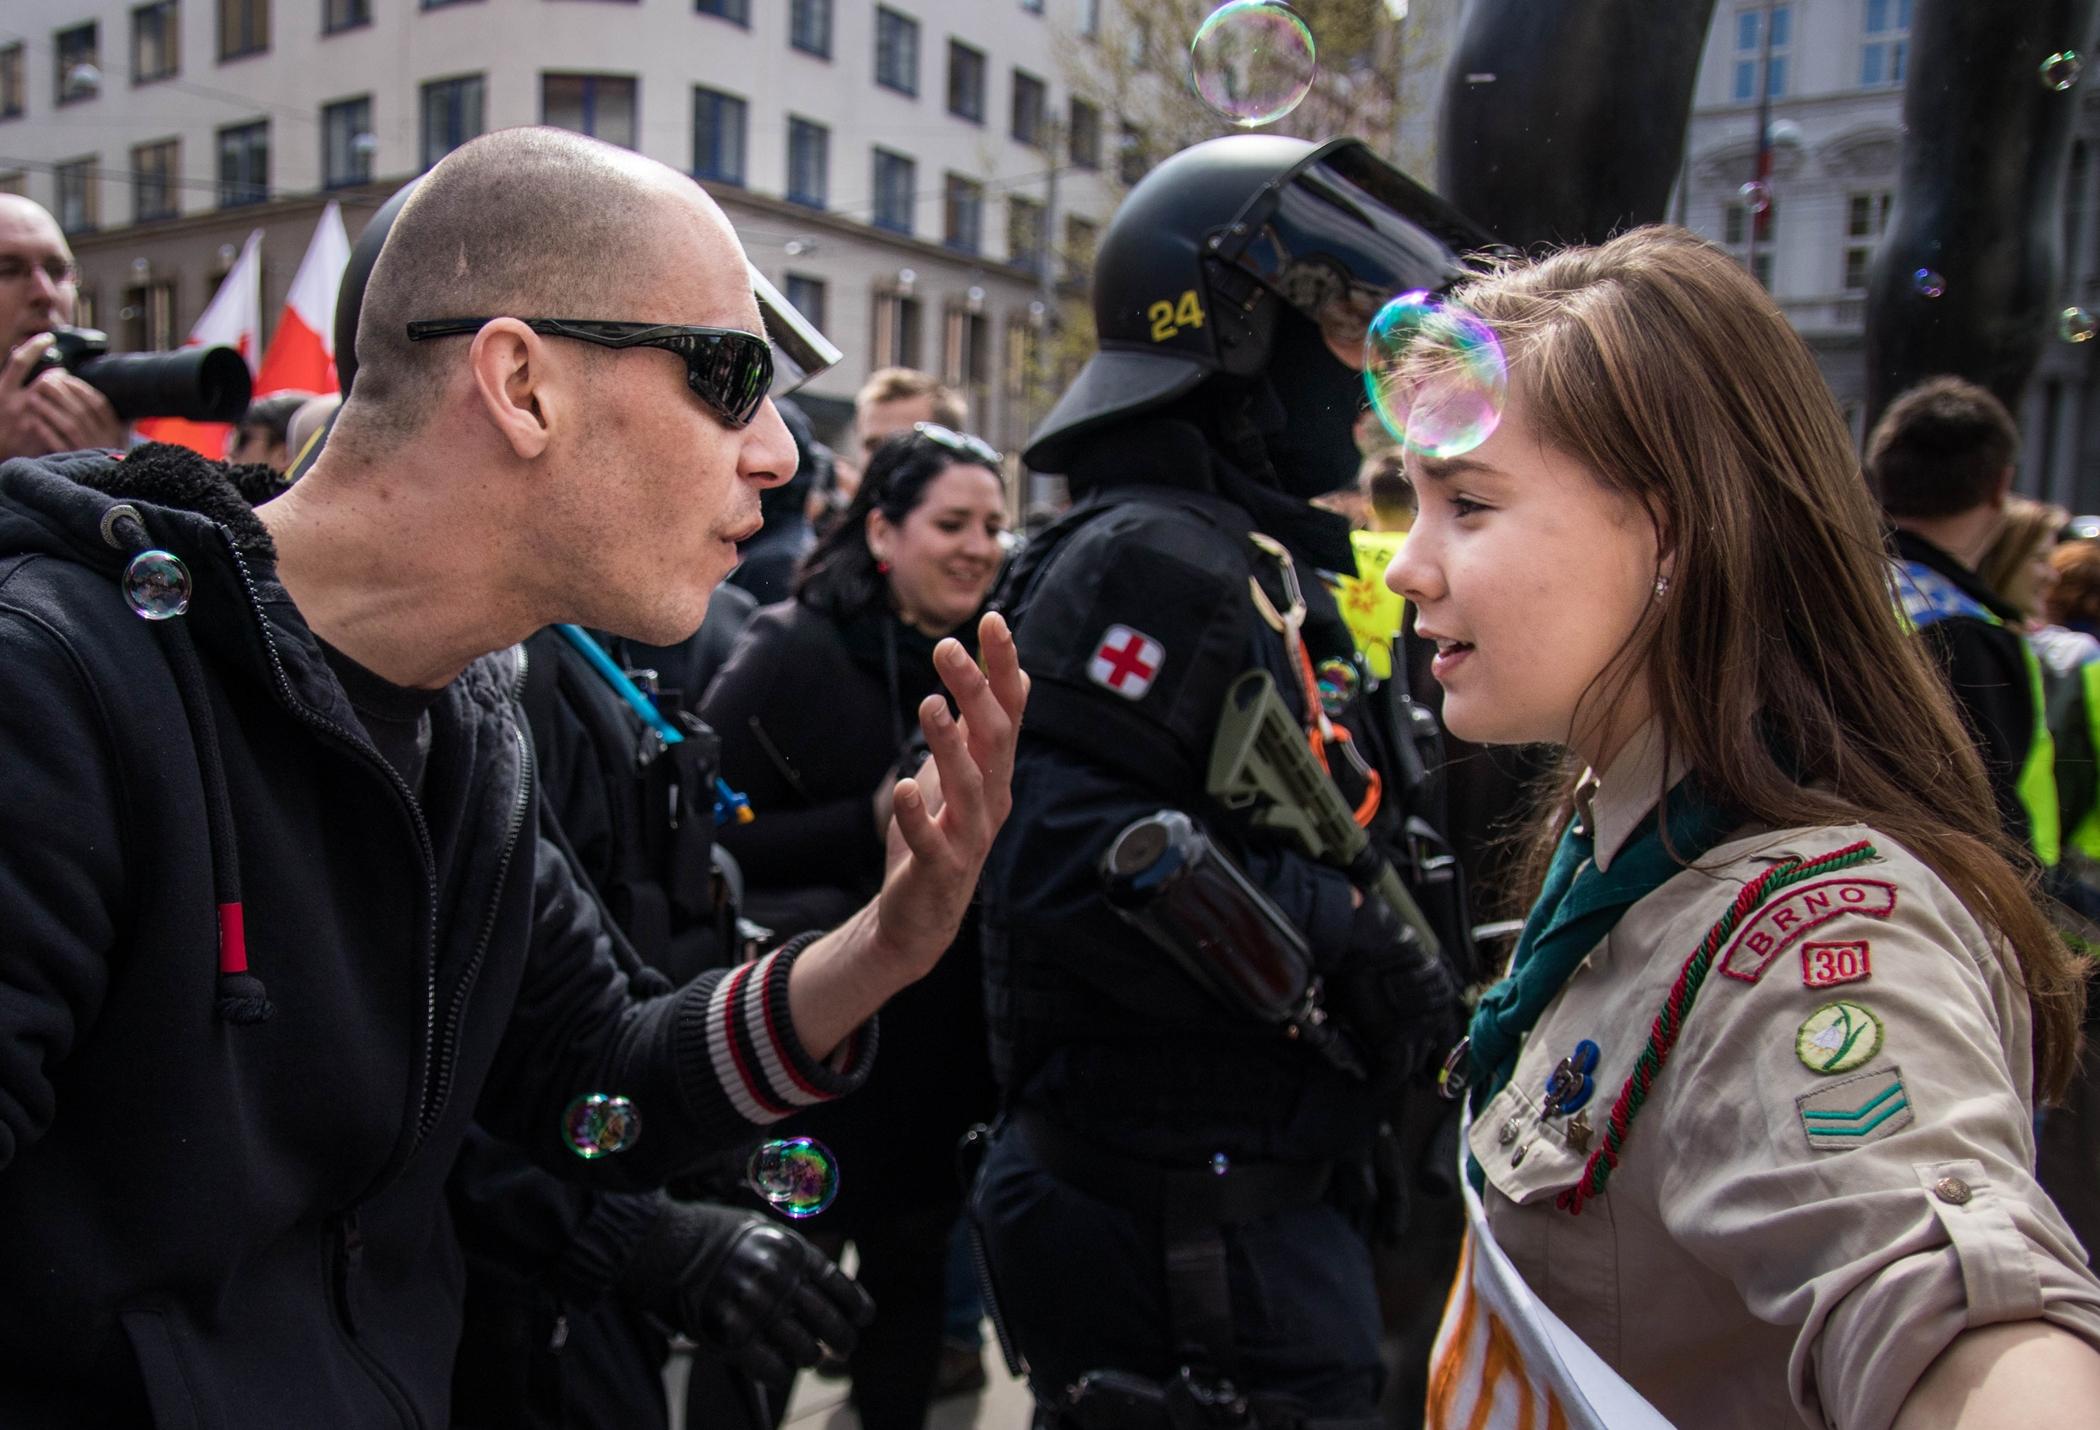 Skautka Lucie na virální fotce stojí tváří v tvář průvodu neonacistů během prvomájové akce Kdo si hraje, nehajluje